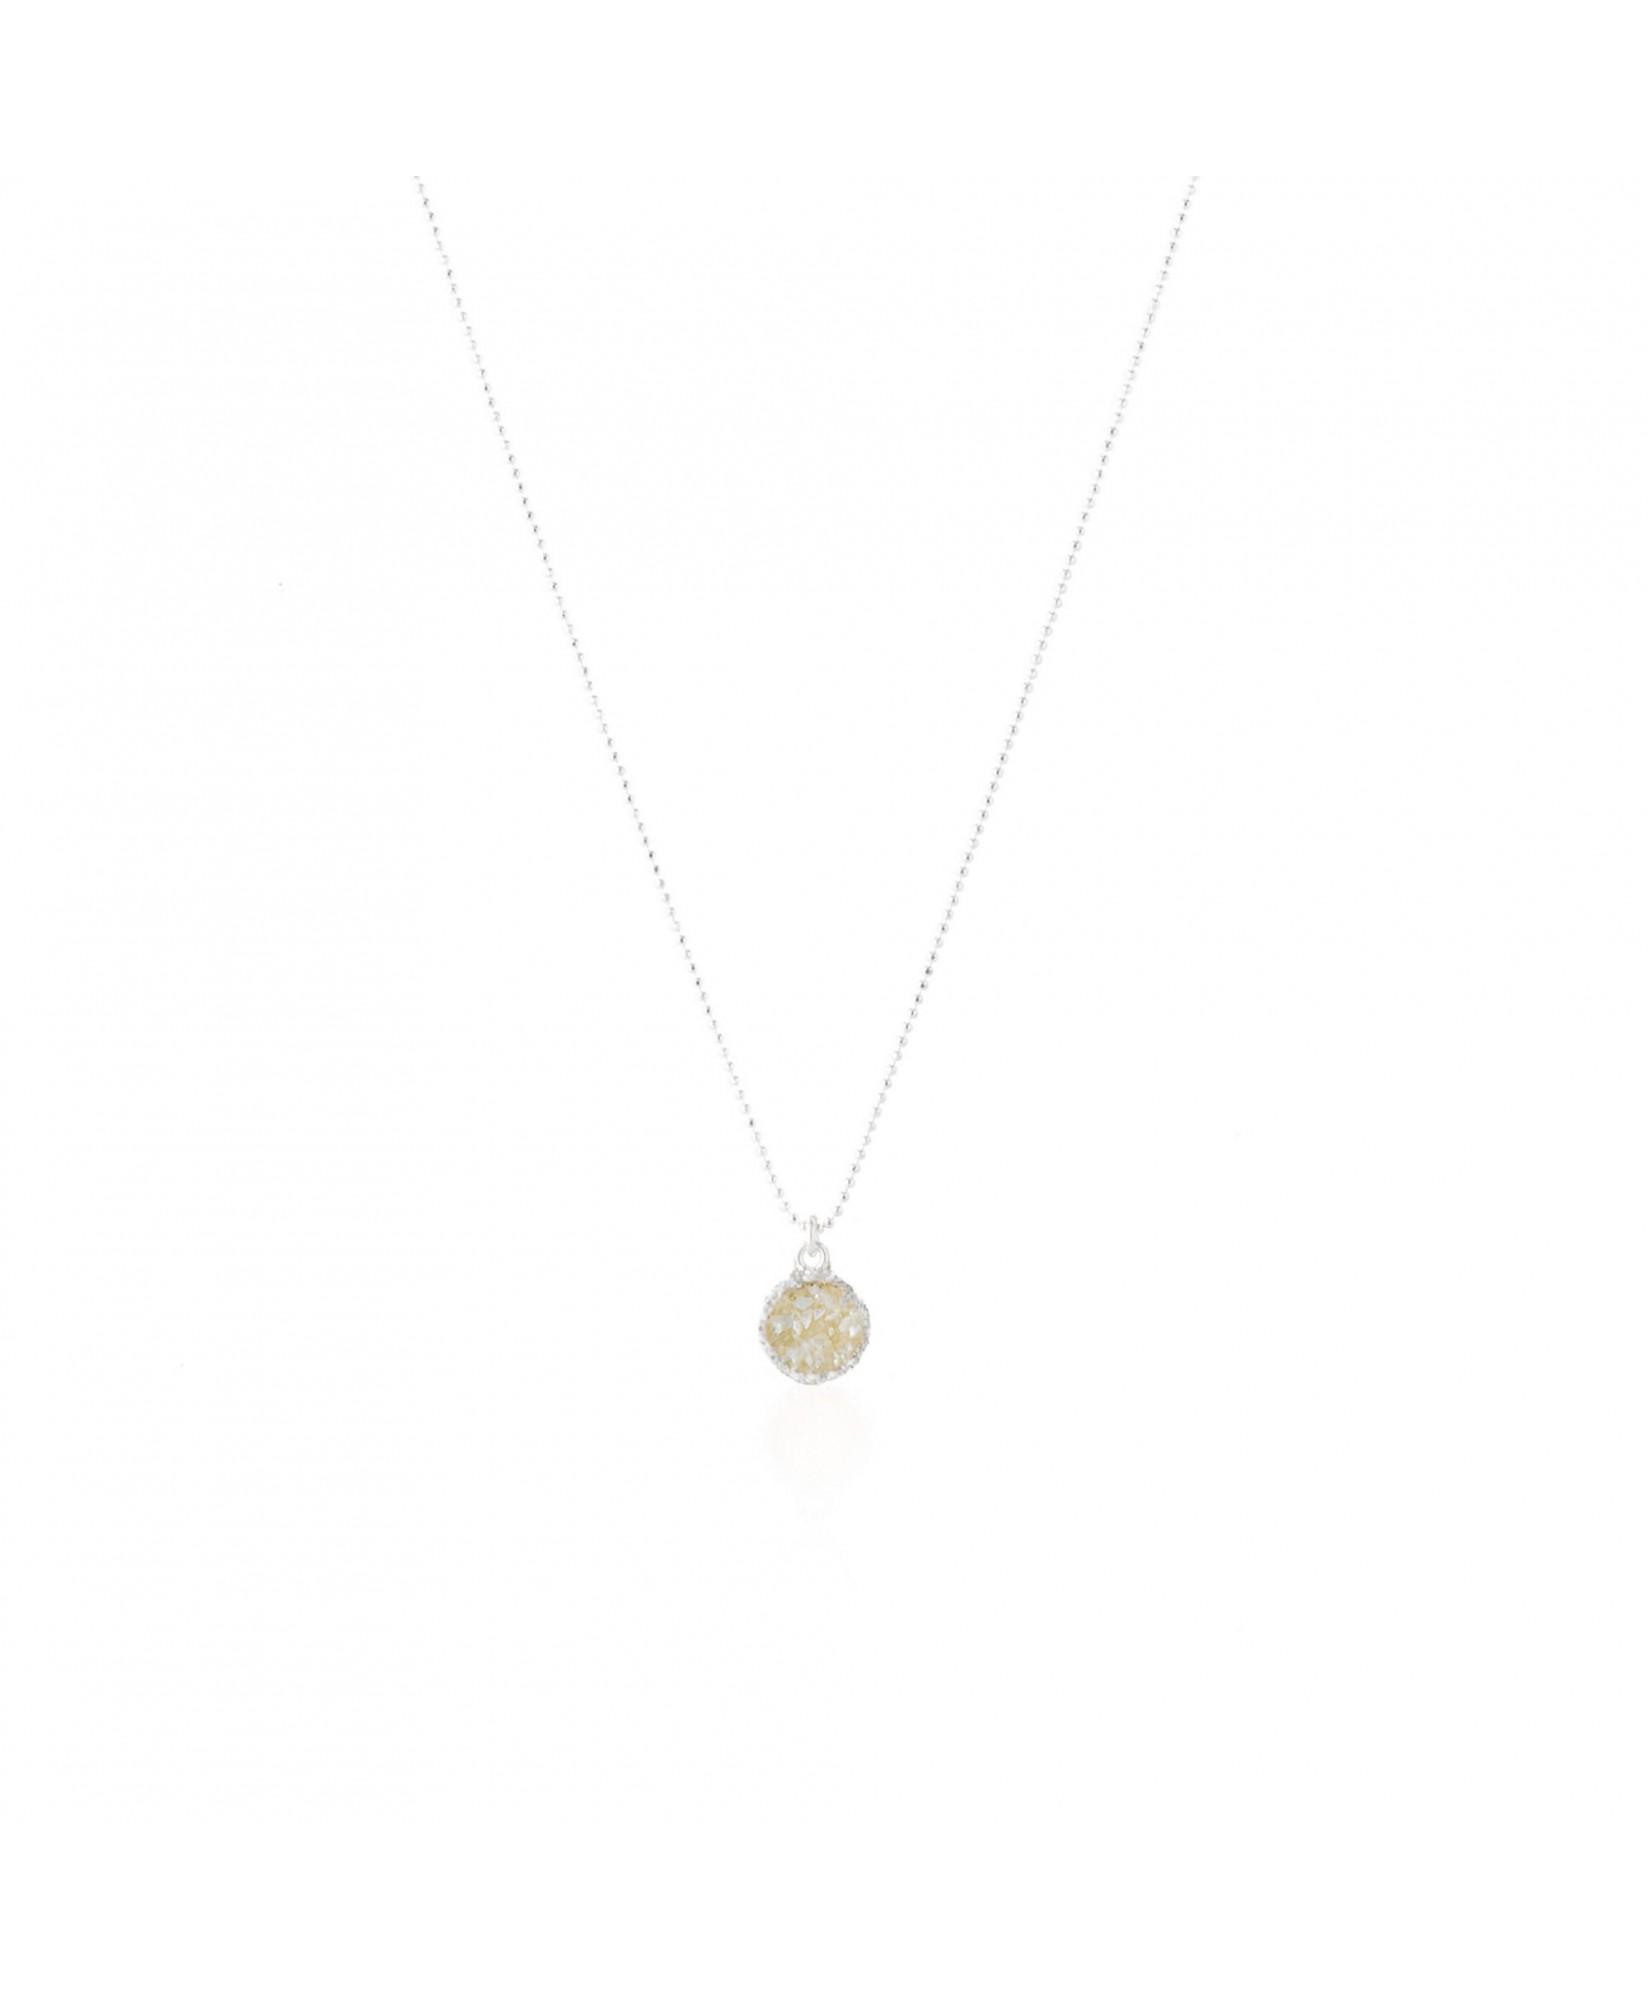 Gargantilla en plata con colgante redondo Pearl con nácar blanco Gargantilla en plata con colgante redondo Pearl con nácar blanco